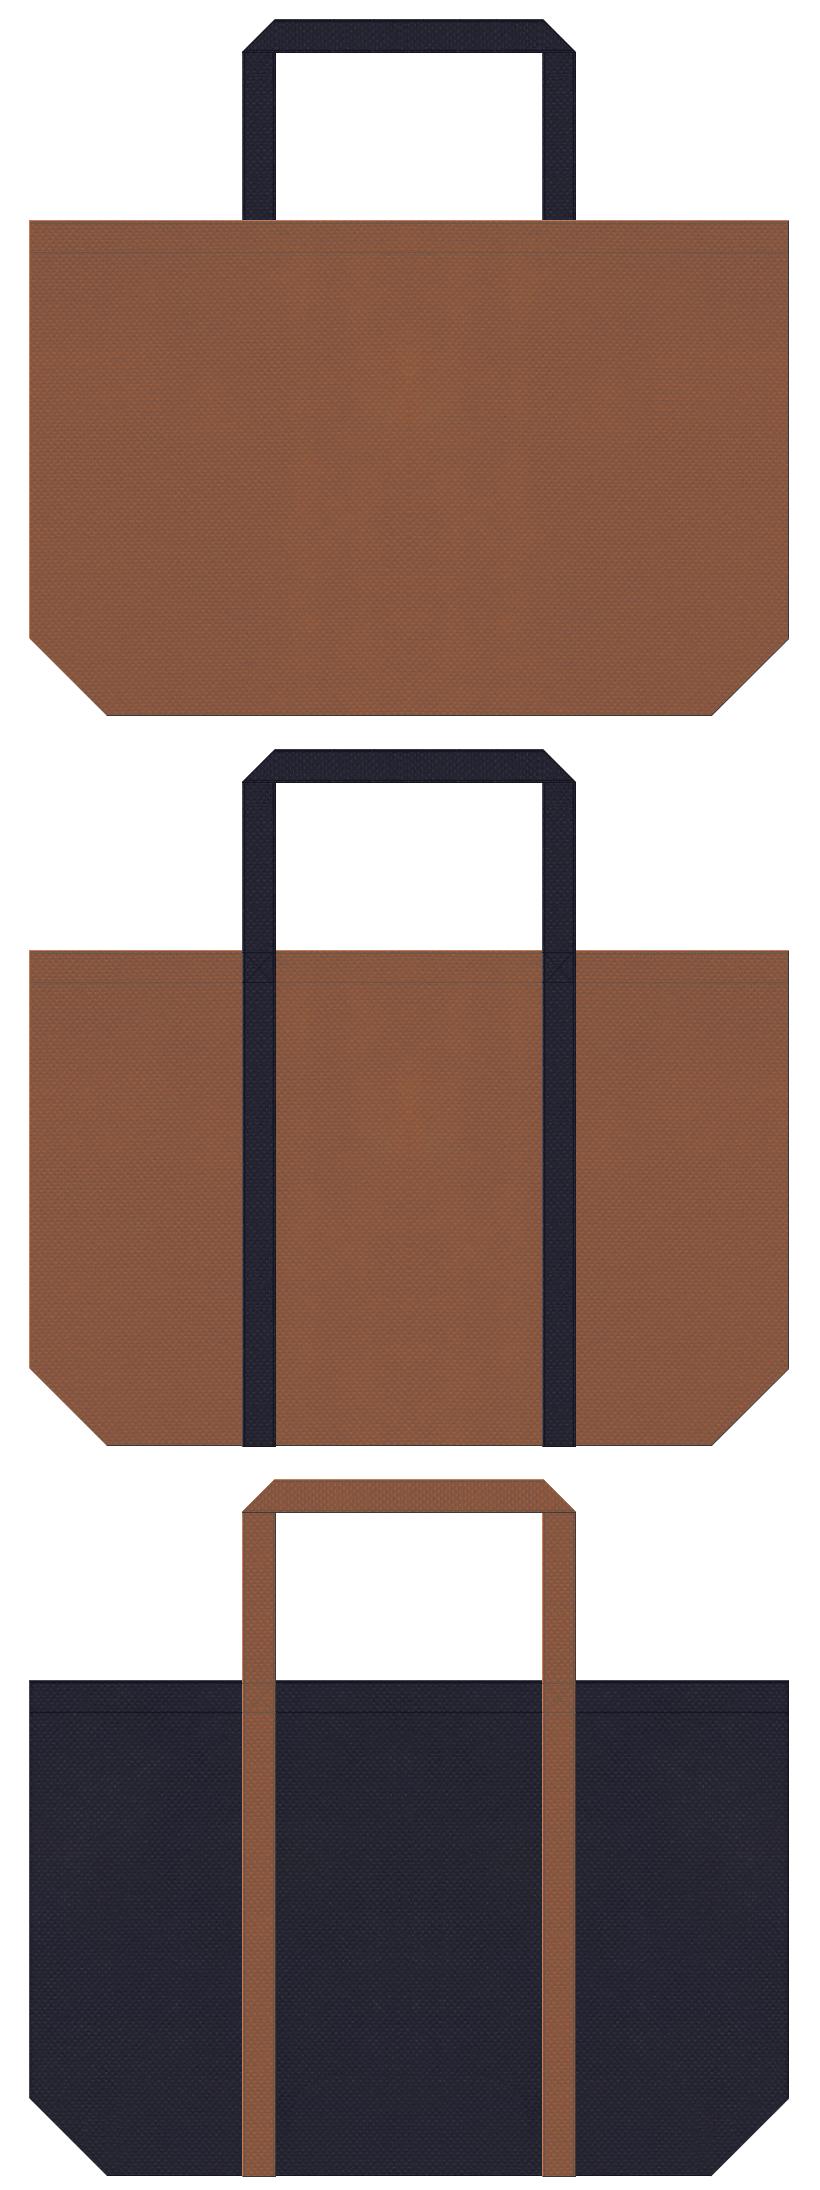 茶色と濃紺色の不織布ショッピングバッグデザイン。デニムイメージ・カジュアル衣料のショッピングバッグにお奨めです。